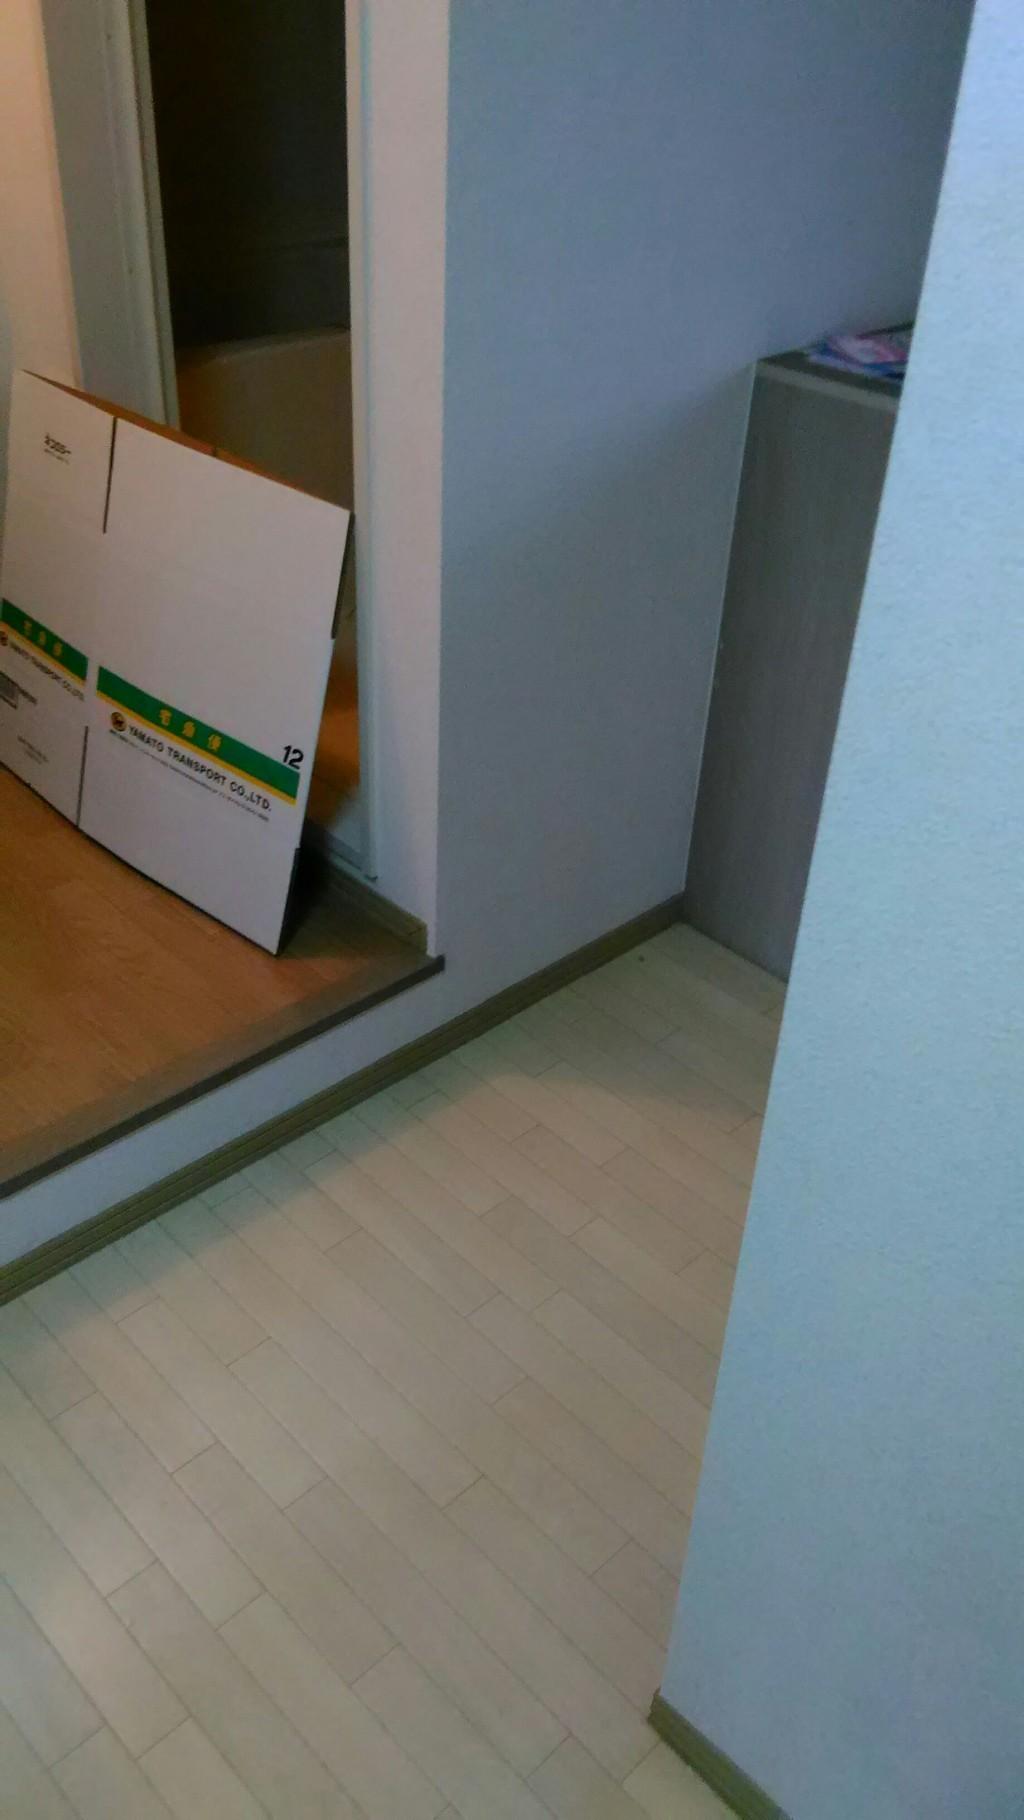 【富山市婦中町】軽トラ積みホーダイパックでの不用品回収☆お得に一気に処分することができ、大変満足していただきました!